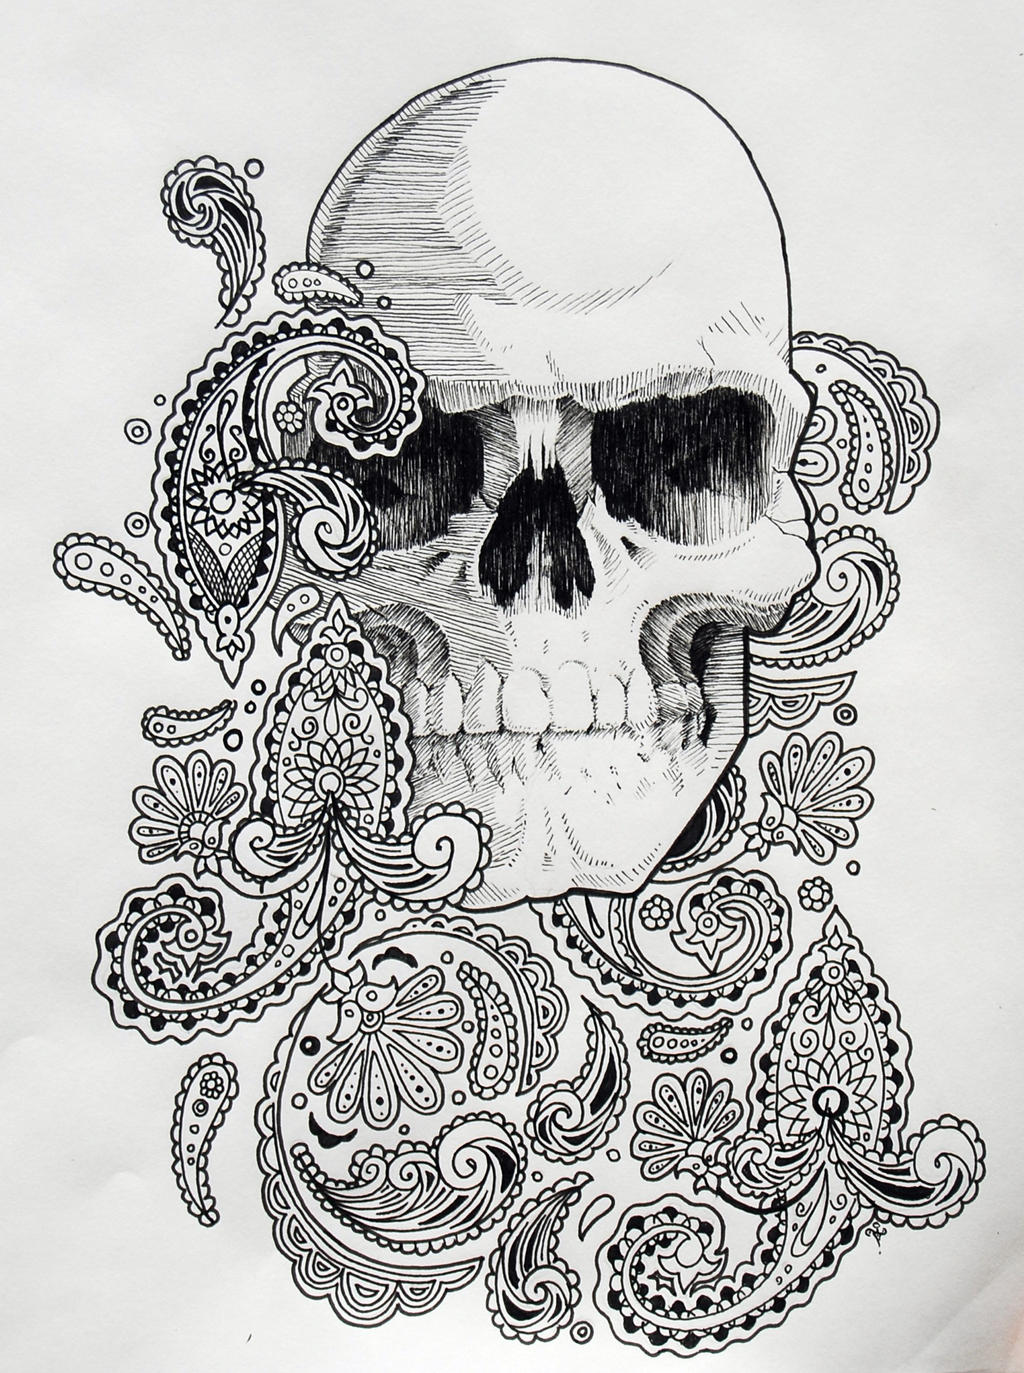 Paisley Skull by NateTheKnife